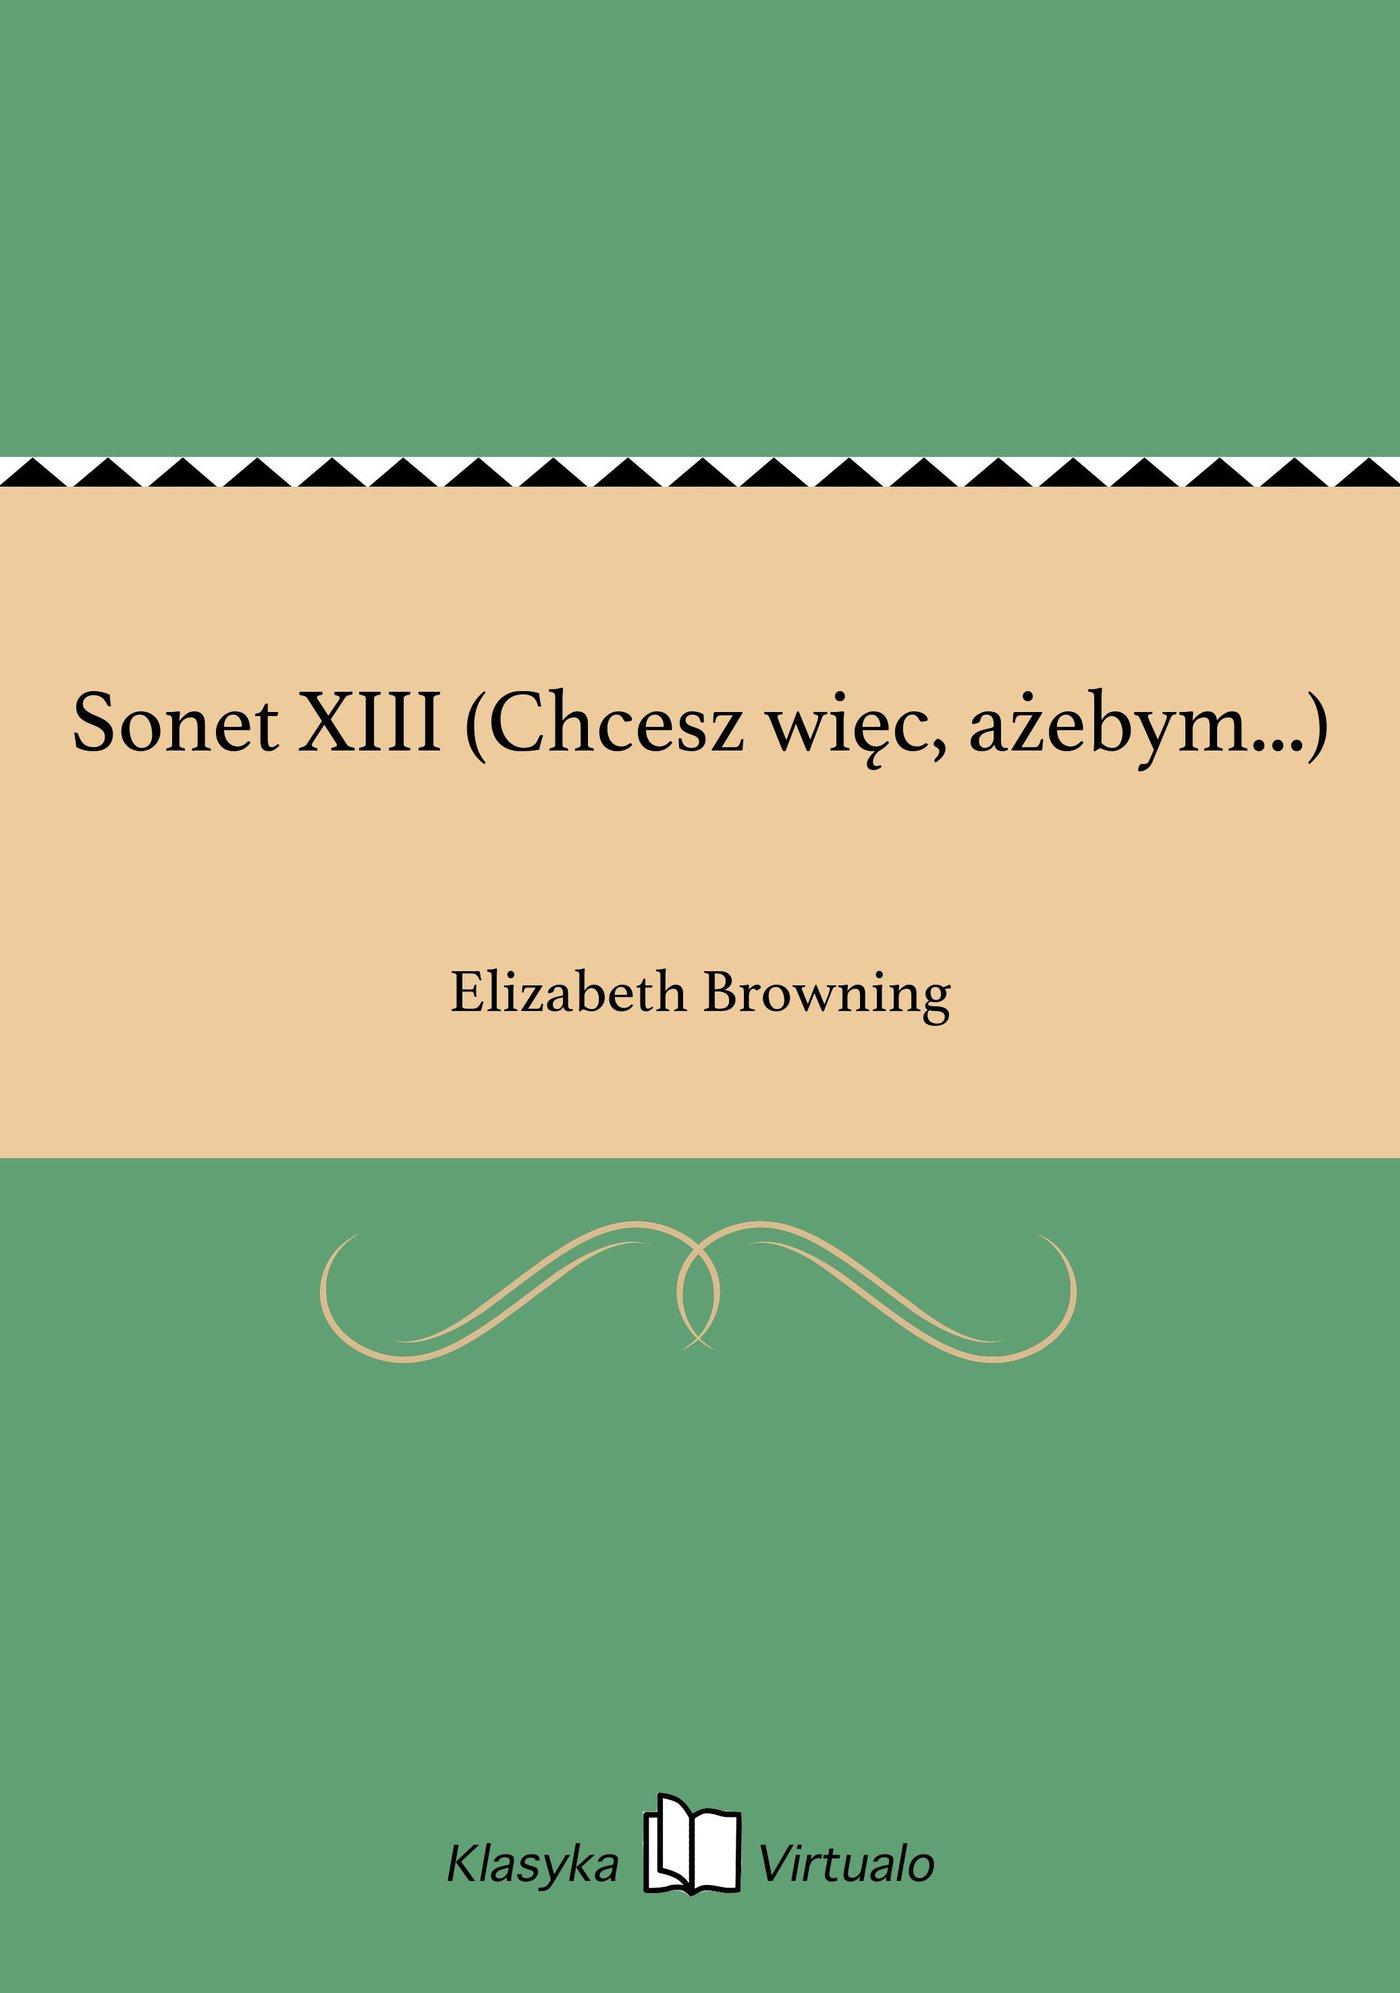 Sonet XIII (Chcesz więc, ażebym...) - Ebook (Książka EPUB) do pobrania w formacie EPUB